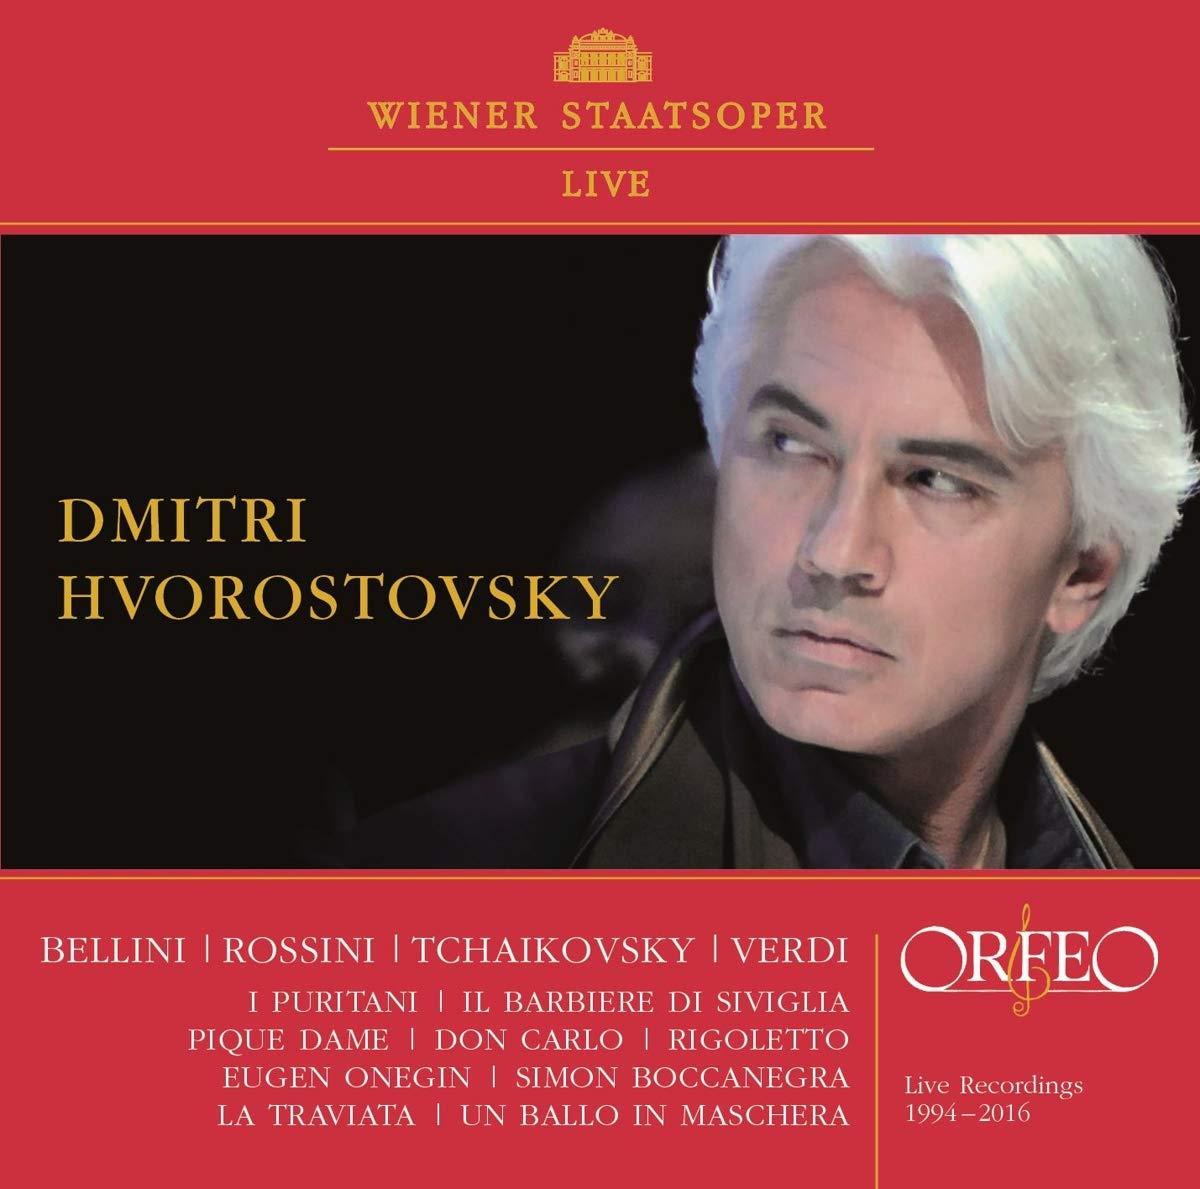 Dmitri Hvorostovsky: Live Wiener Staatsoper